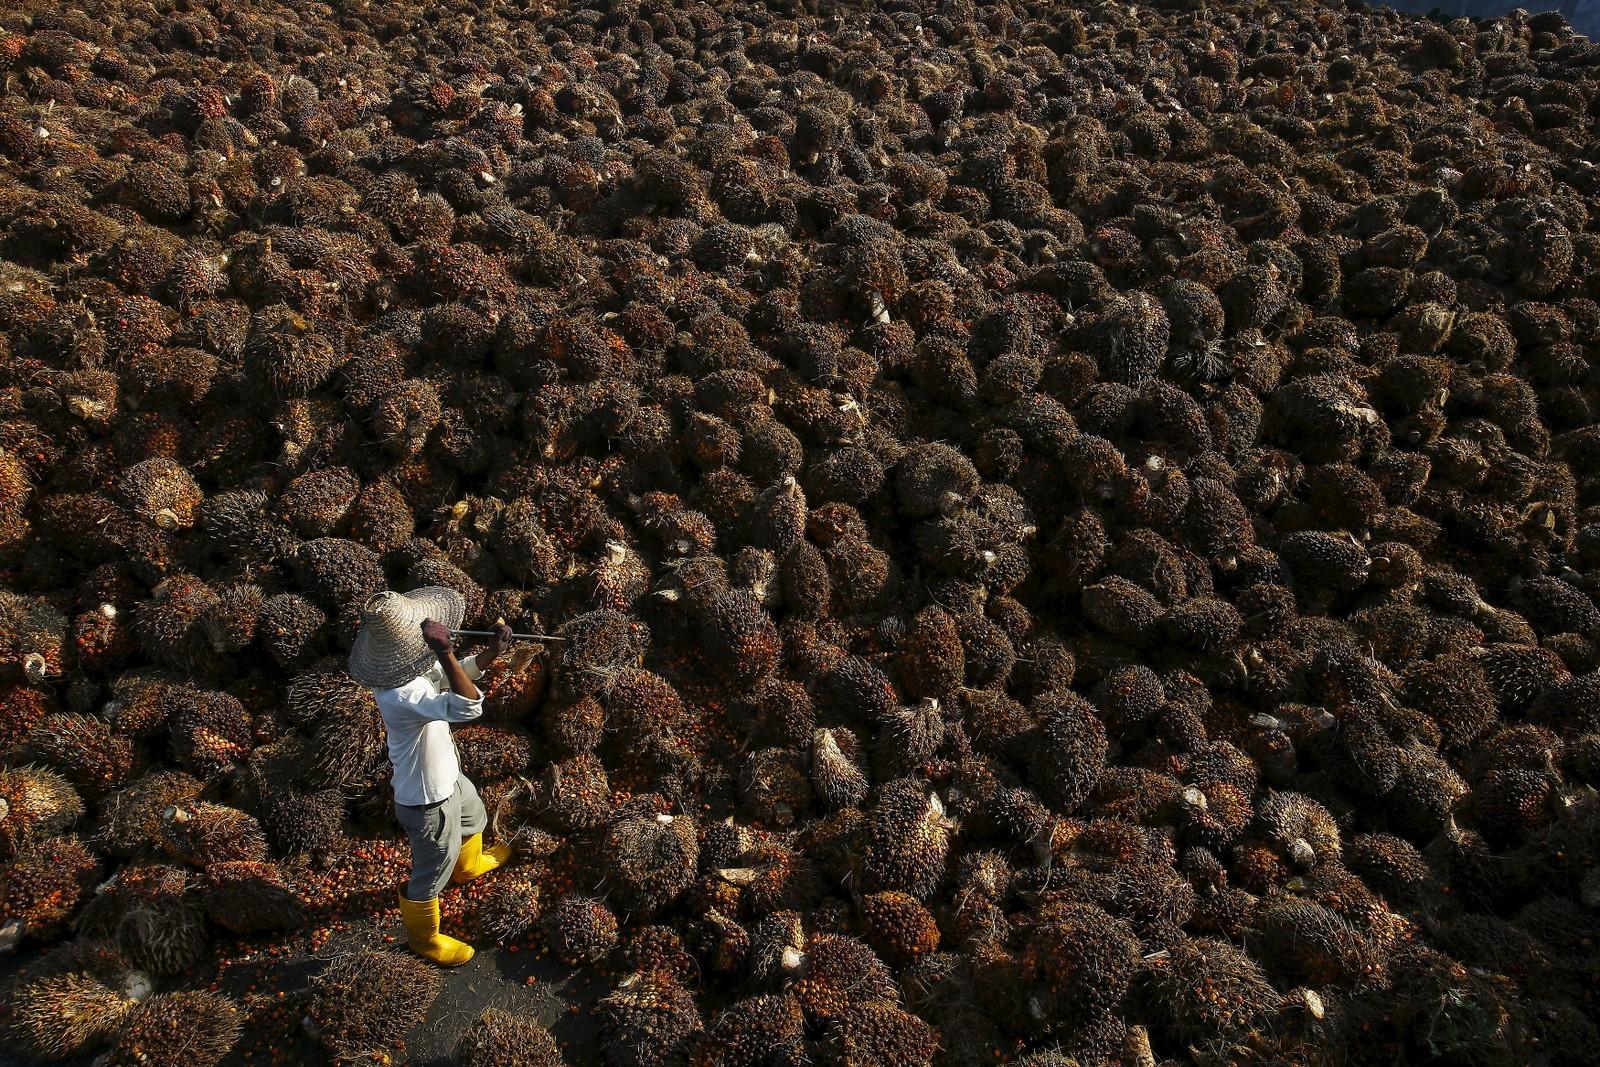 Hauger av palmeolje-frukt. Slik ser det ut på en palmeoljefabrikk i Kuala Lumpur. Malaysia er storeksportør av palmeolje.